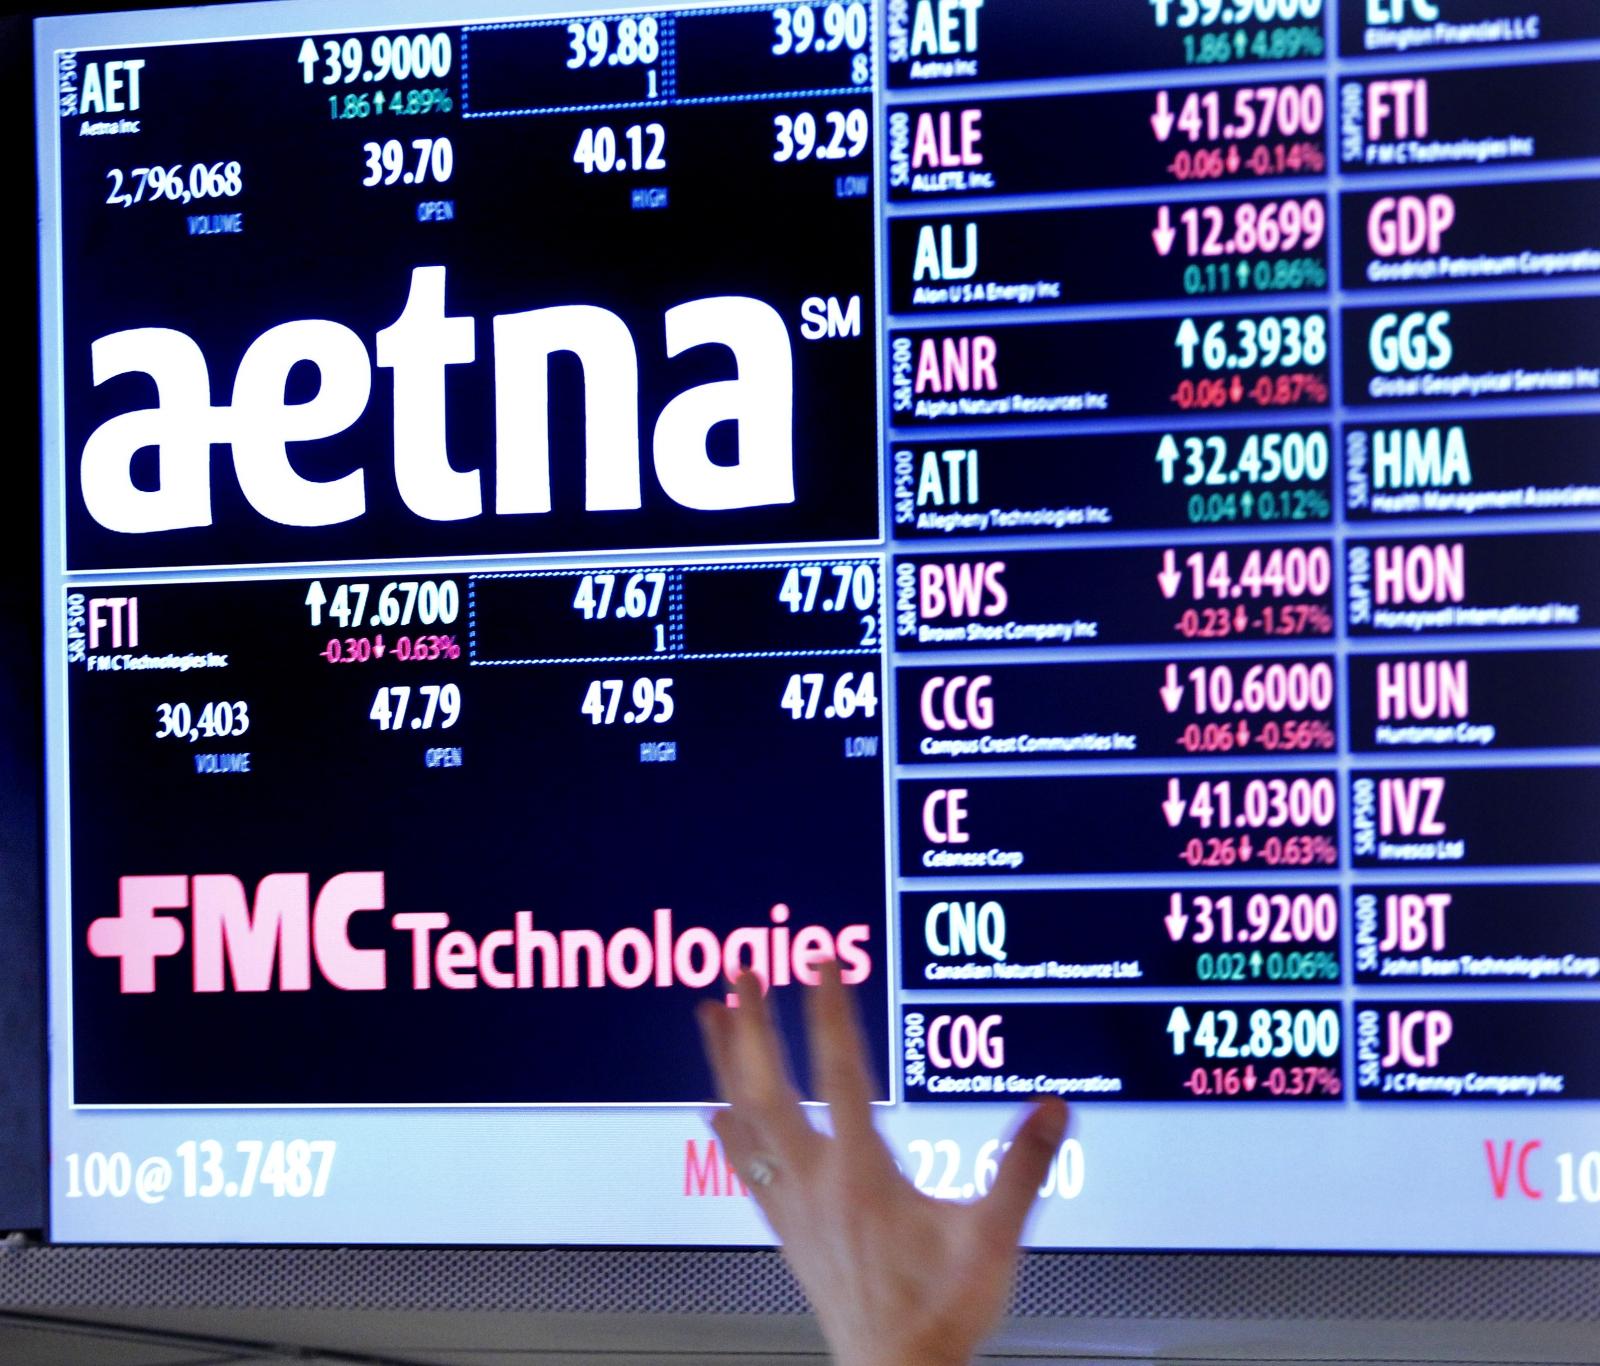 health insurer Aetna